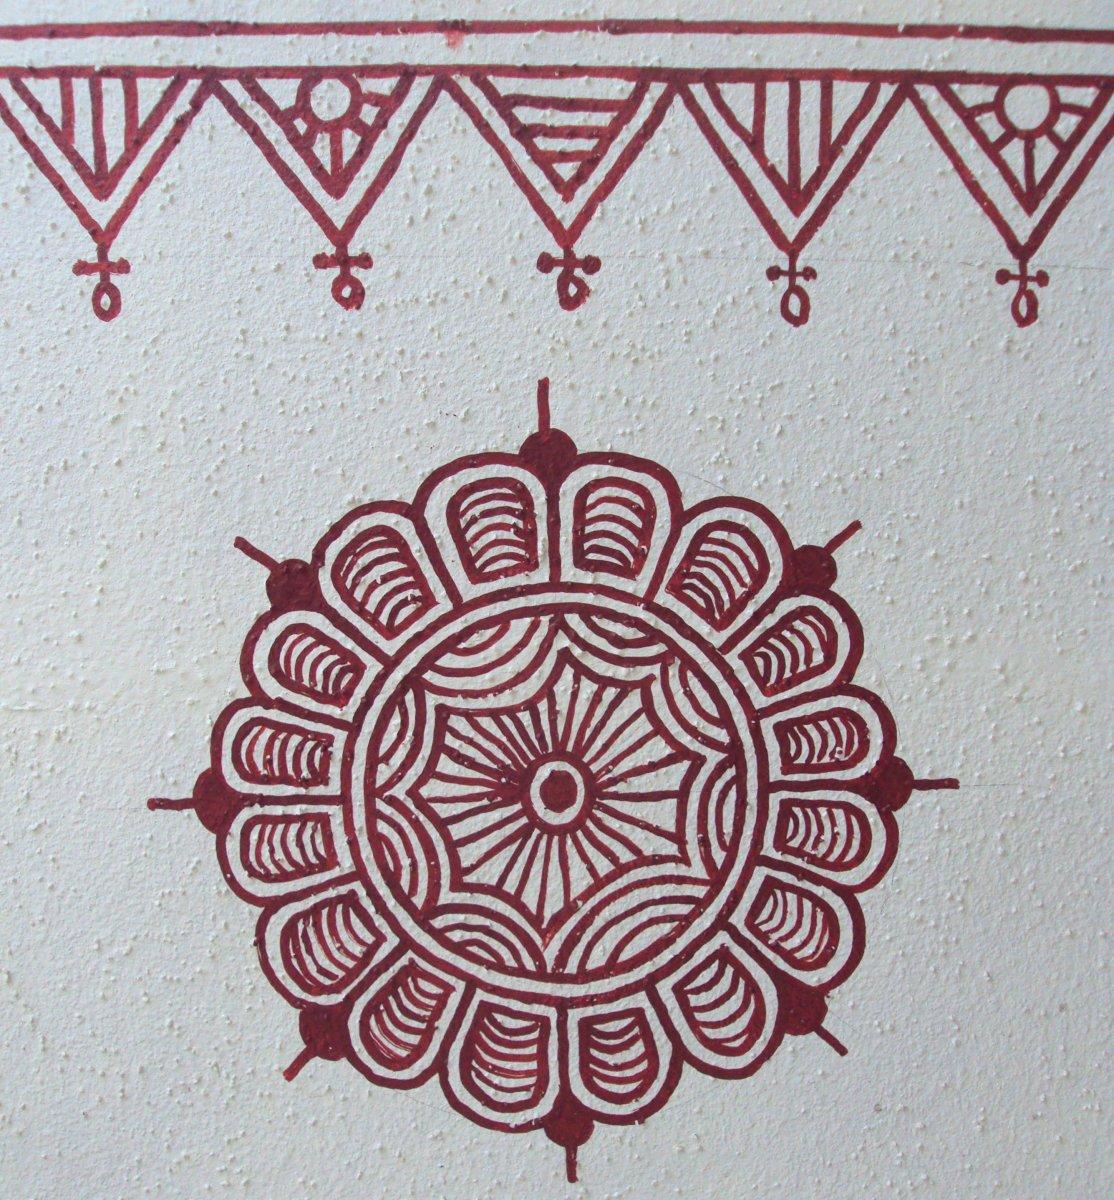 Completed circular motif